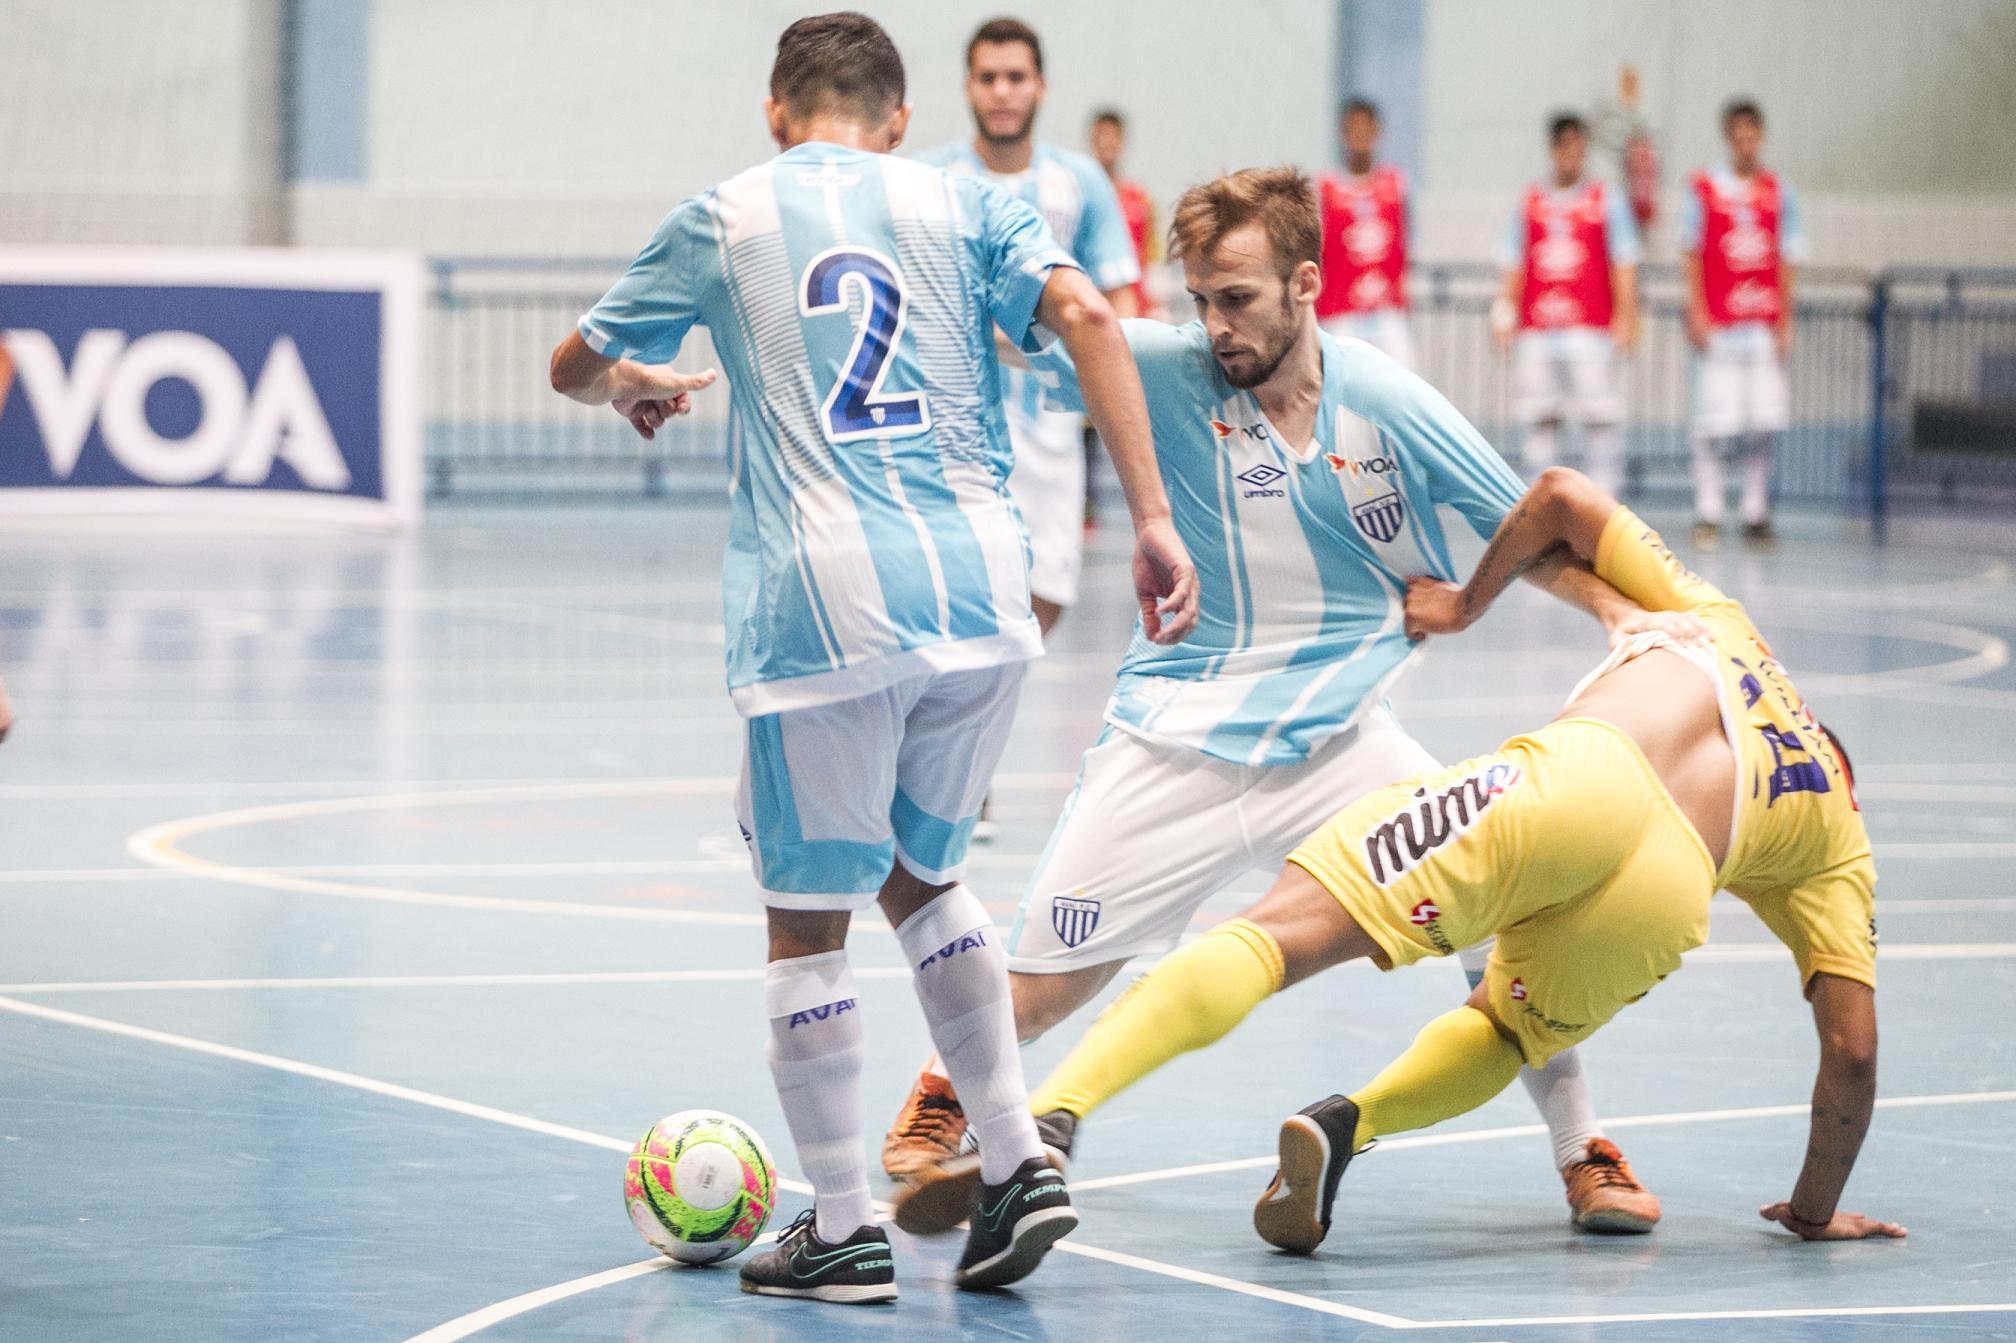 Equipe sentiu o melhor entrosamento do adversário, que disputa a Liga Nacional - Marco Santiago/ND